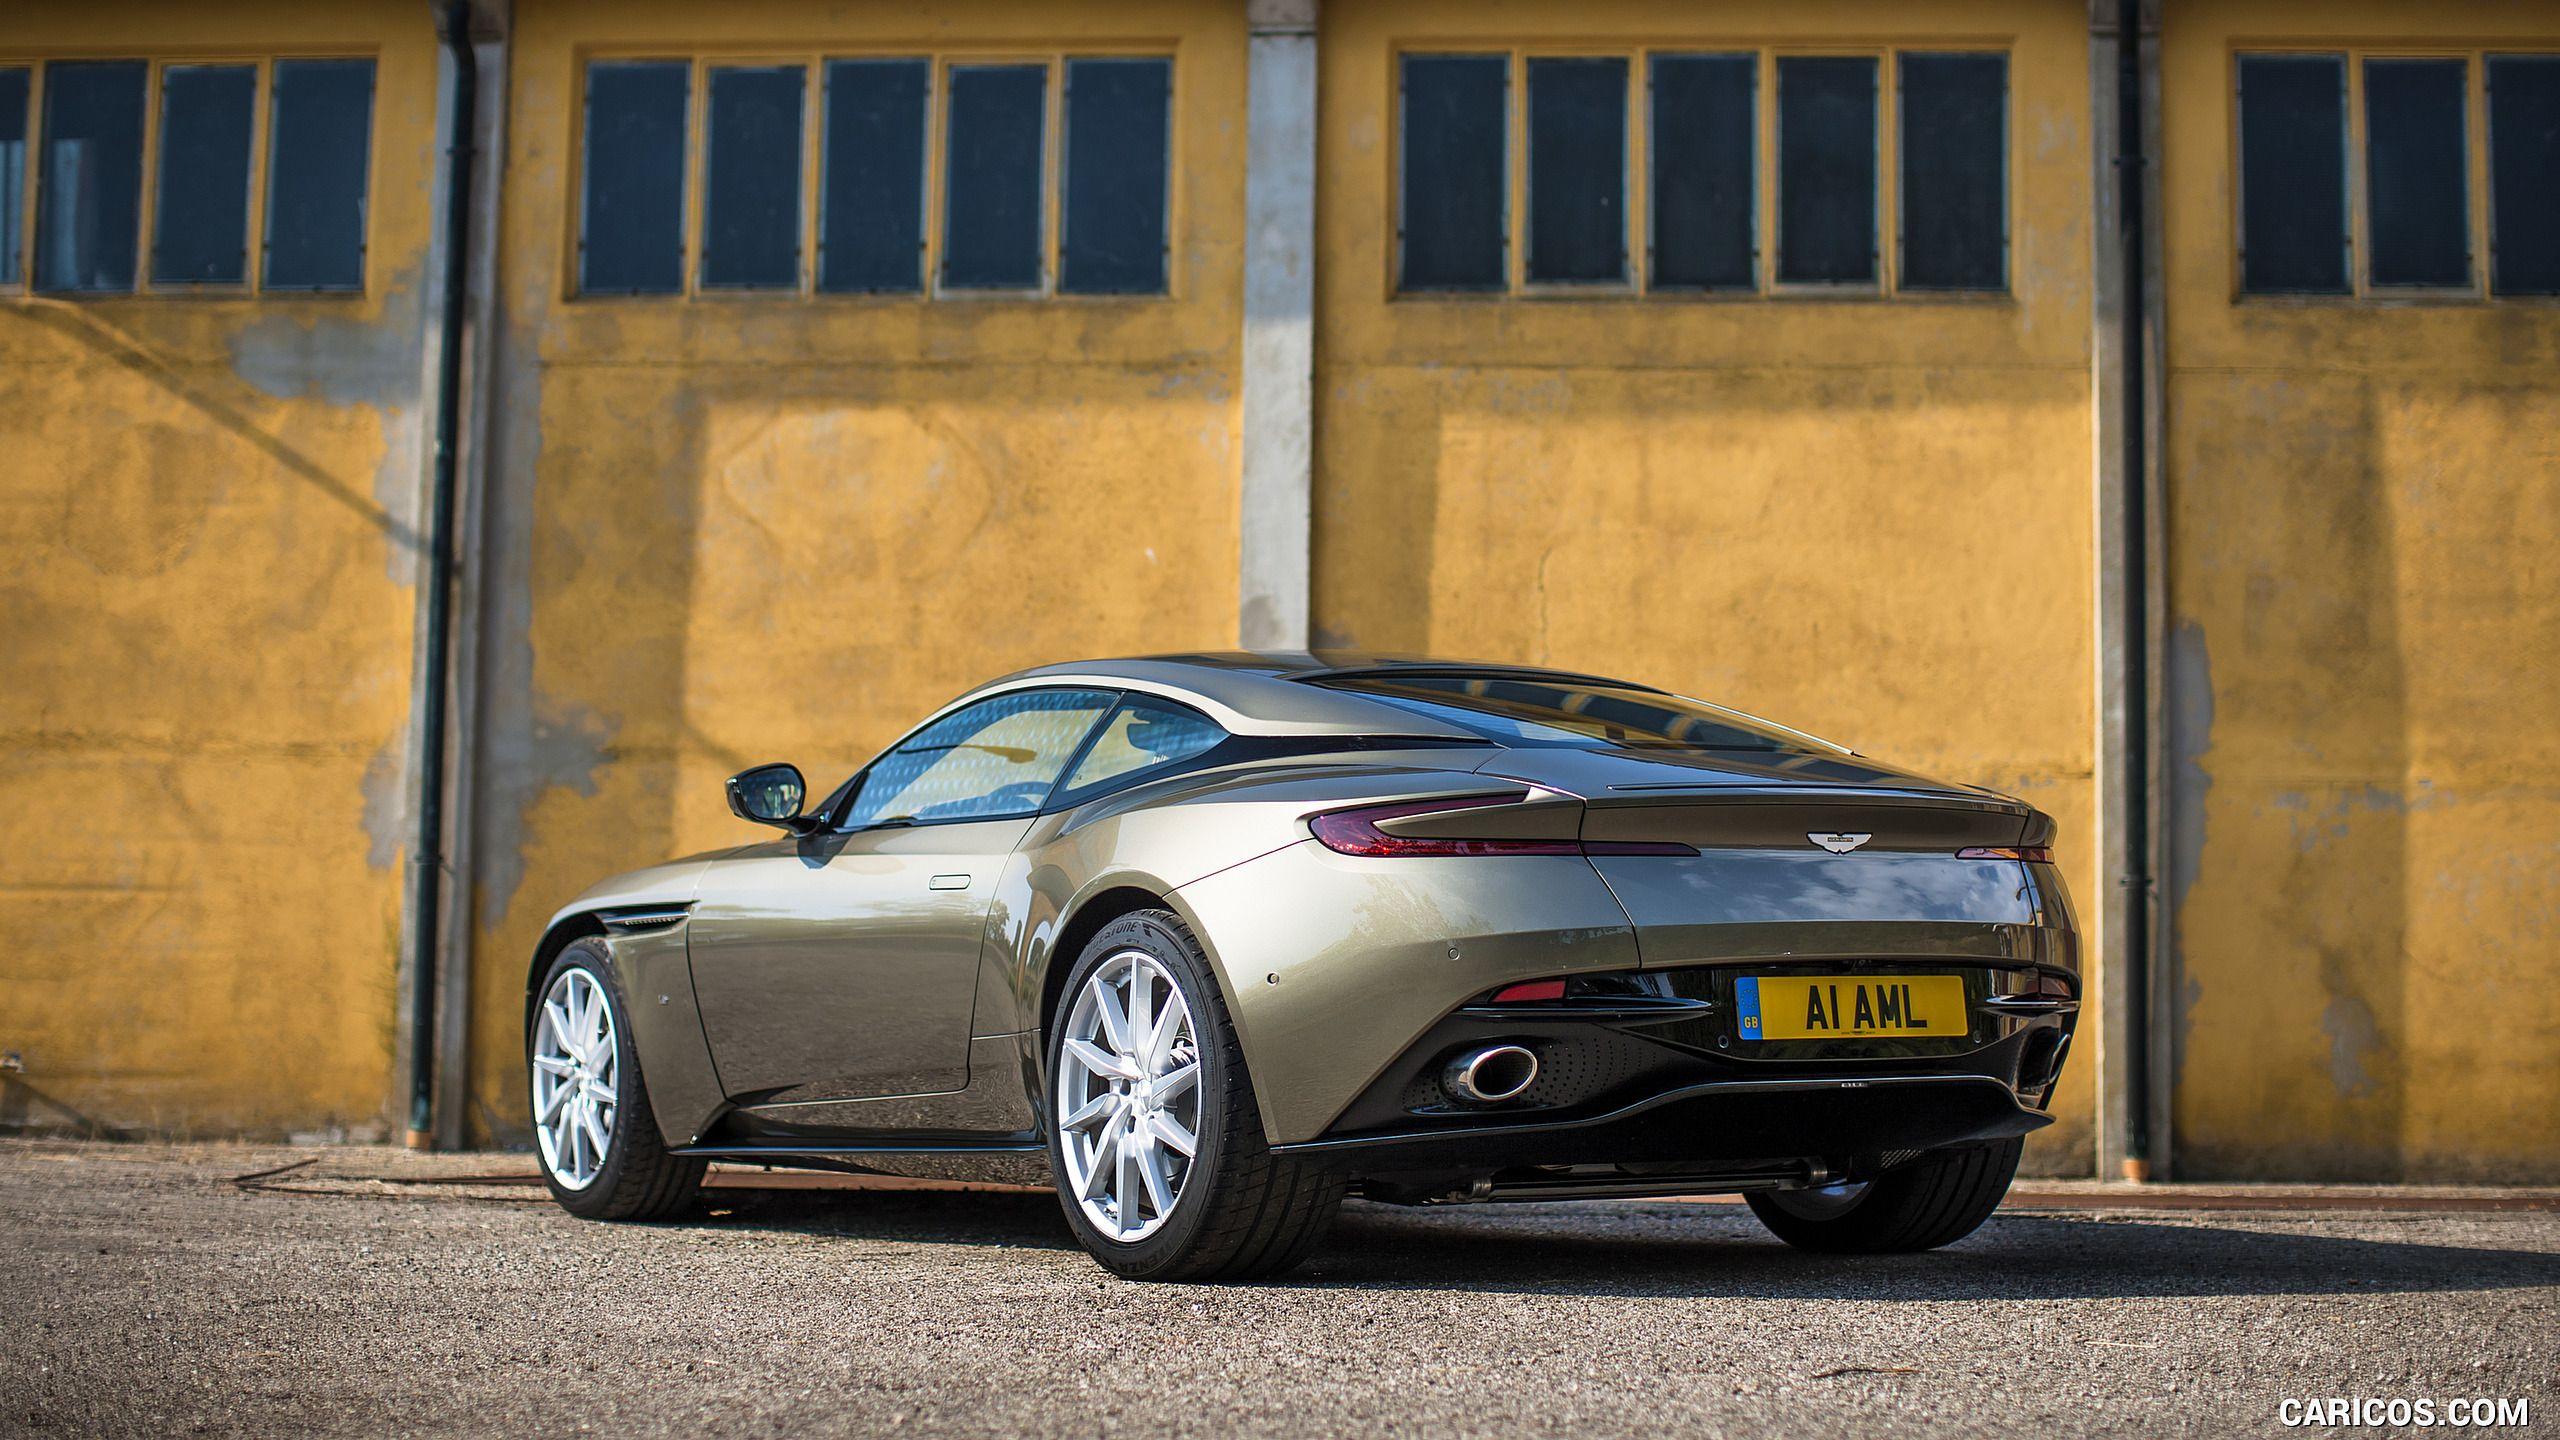 Next Stop Pinterest Aston Martin Aston Martin Db11 Aston